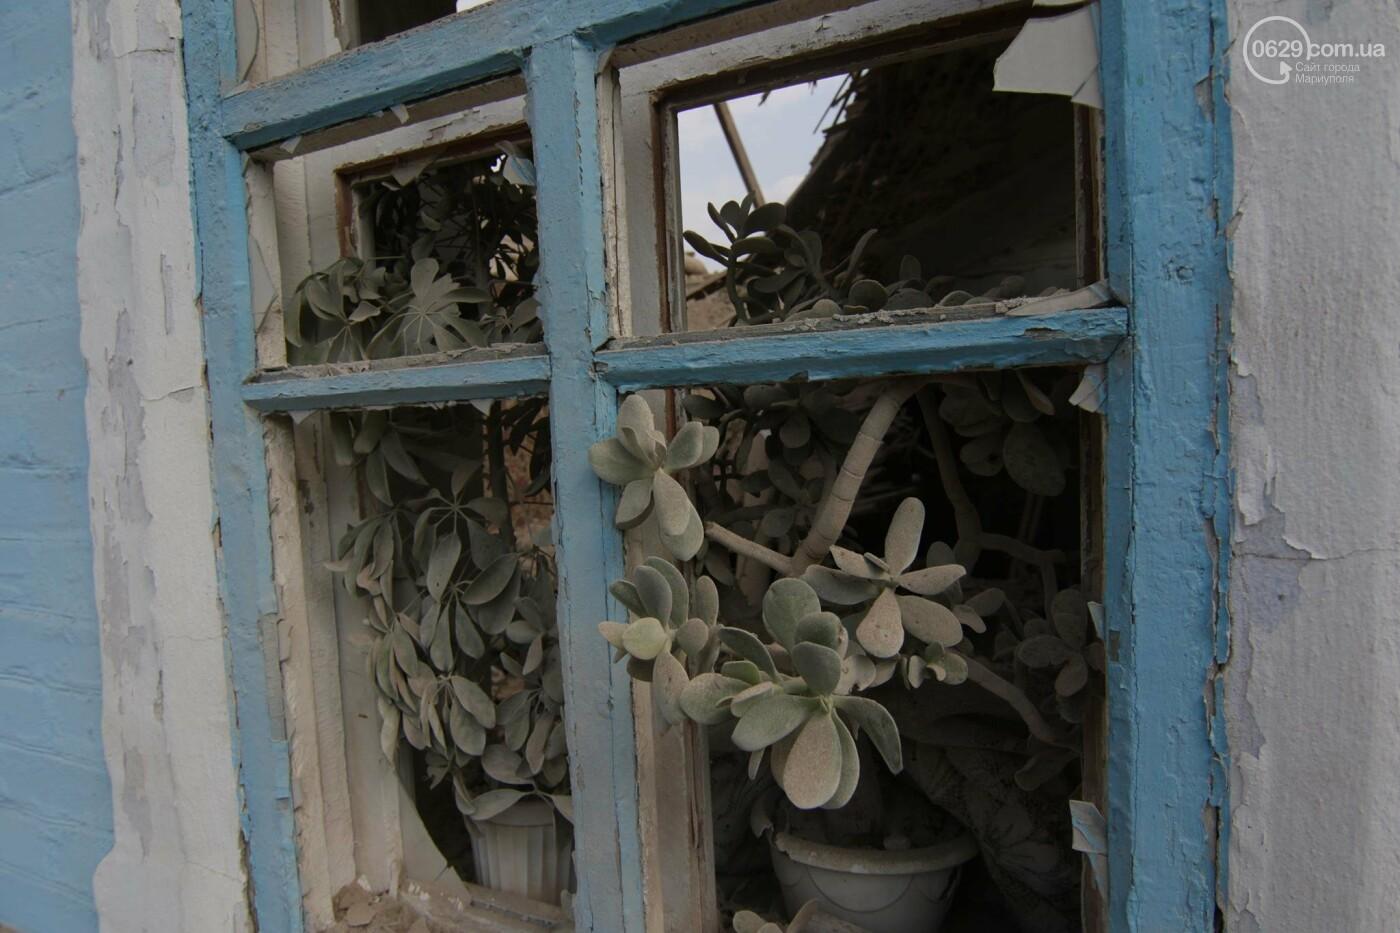 Ипотека для новых мариупольцев стартует в следующем году, а компенсацию за разрушенное жилье уже можно получать, фото-1